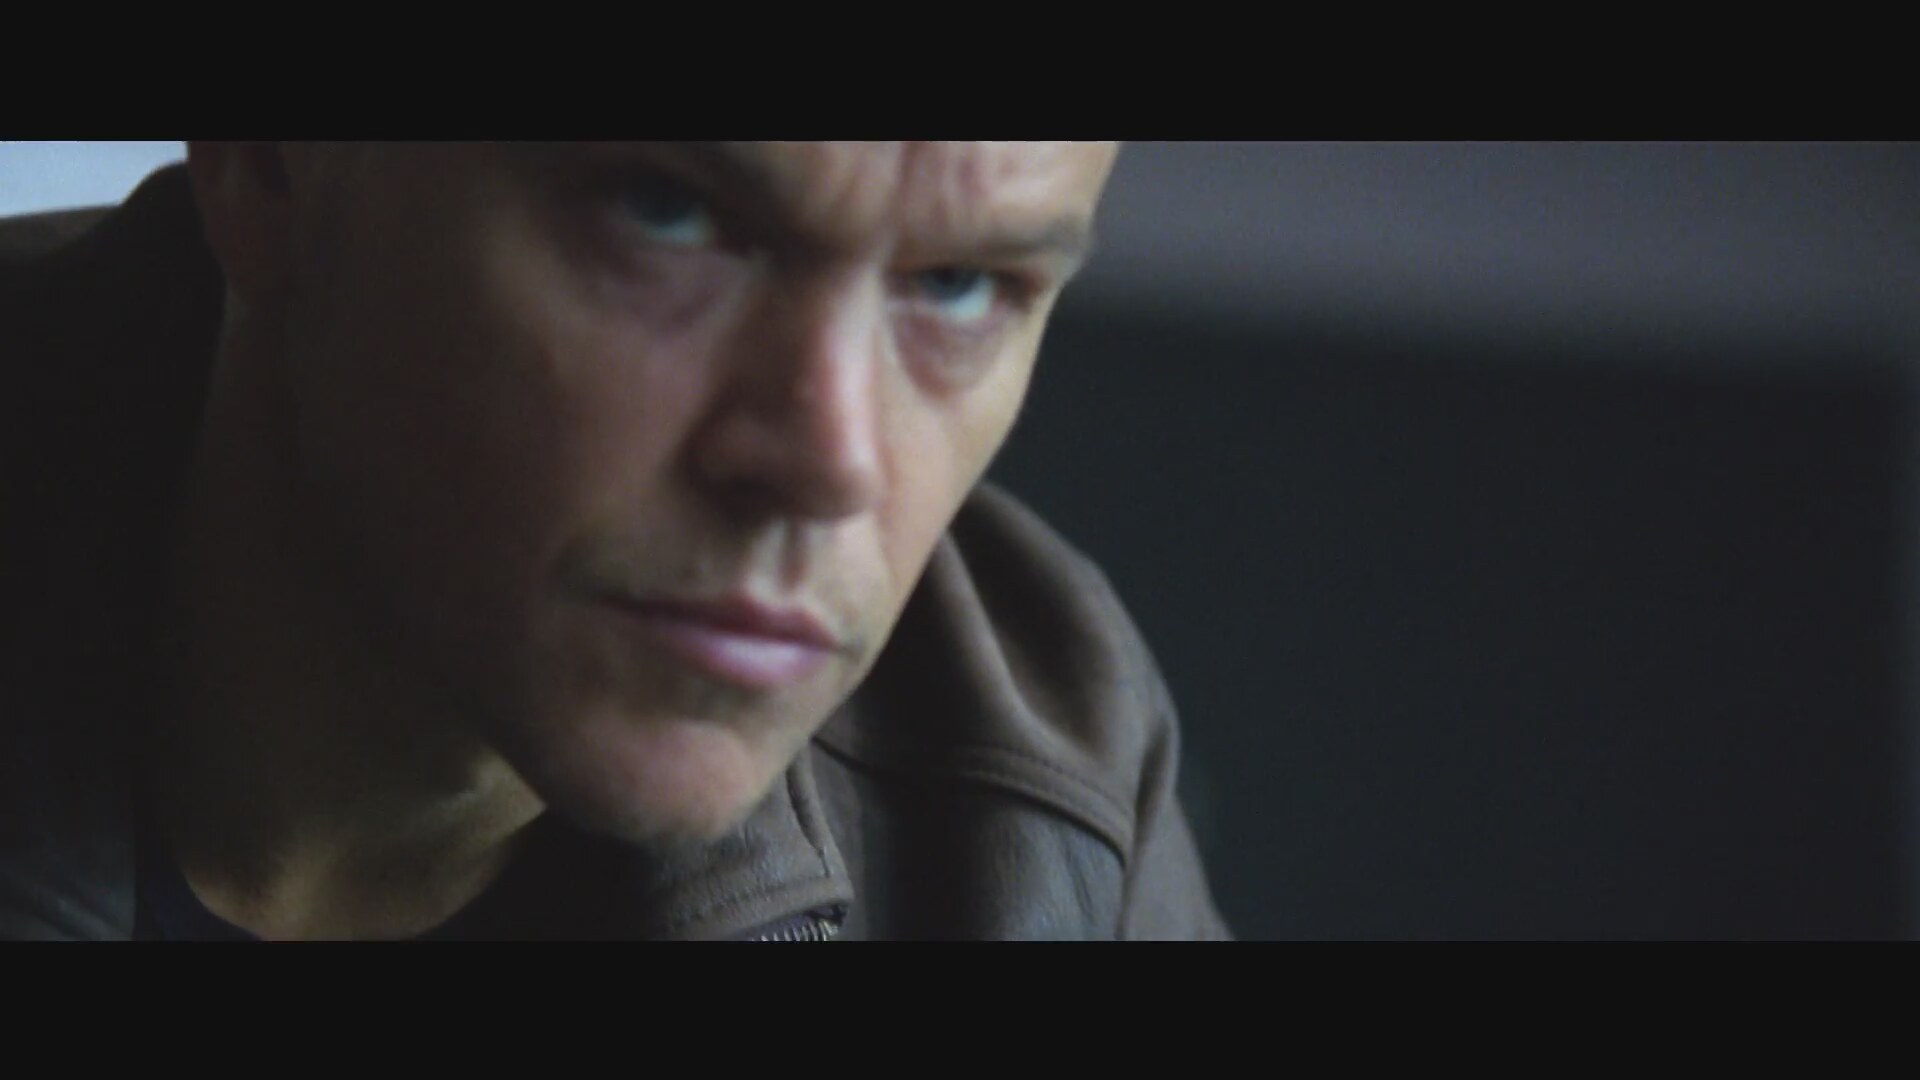 Jason Bourne 2016 İlk Görüntüler - Super Bowl TV Spot